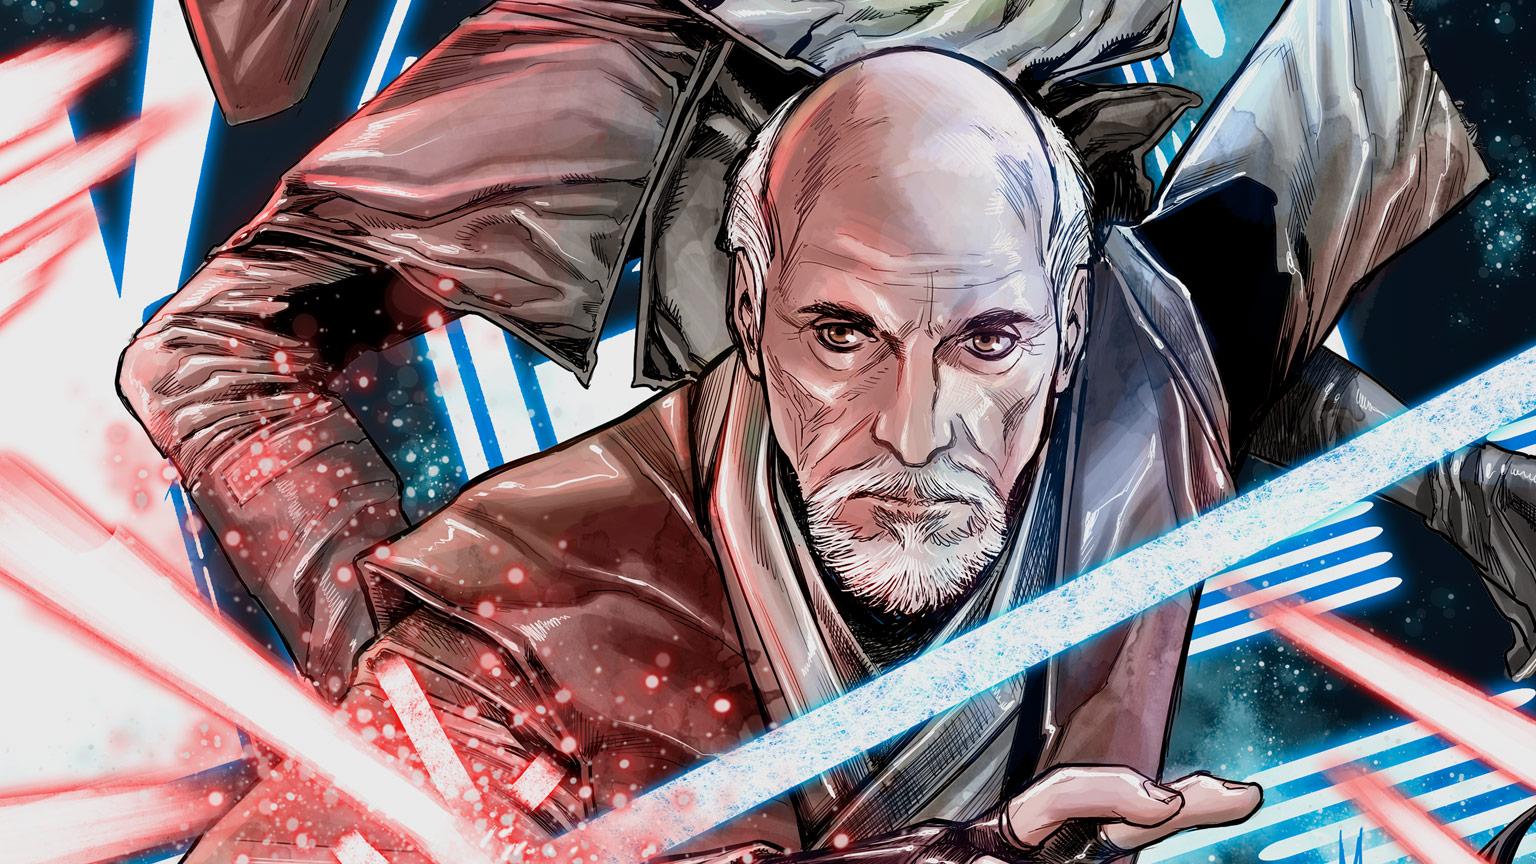 Star Wars Dark Temple kanpoan dago!